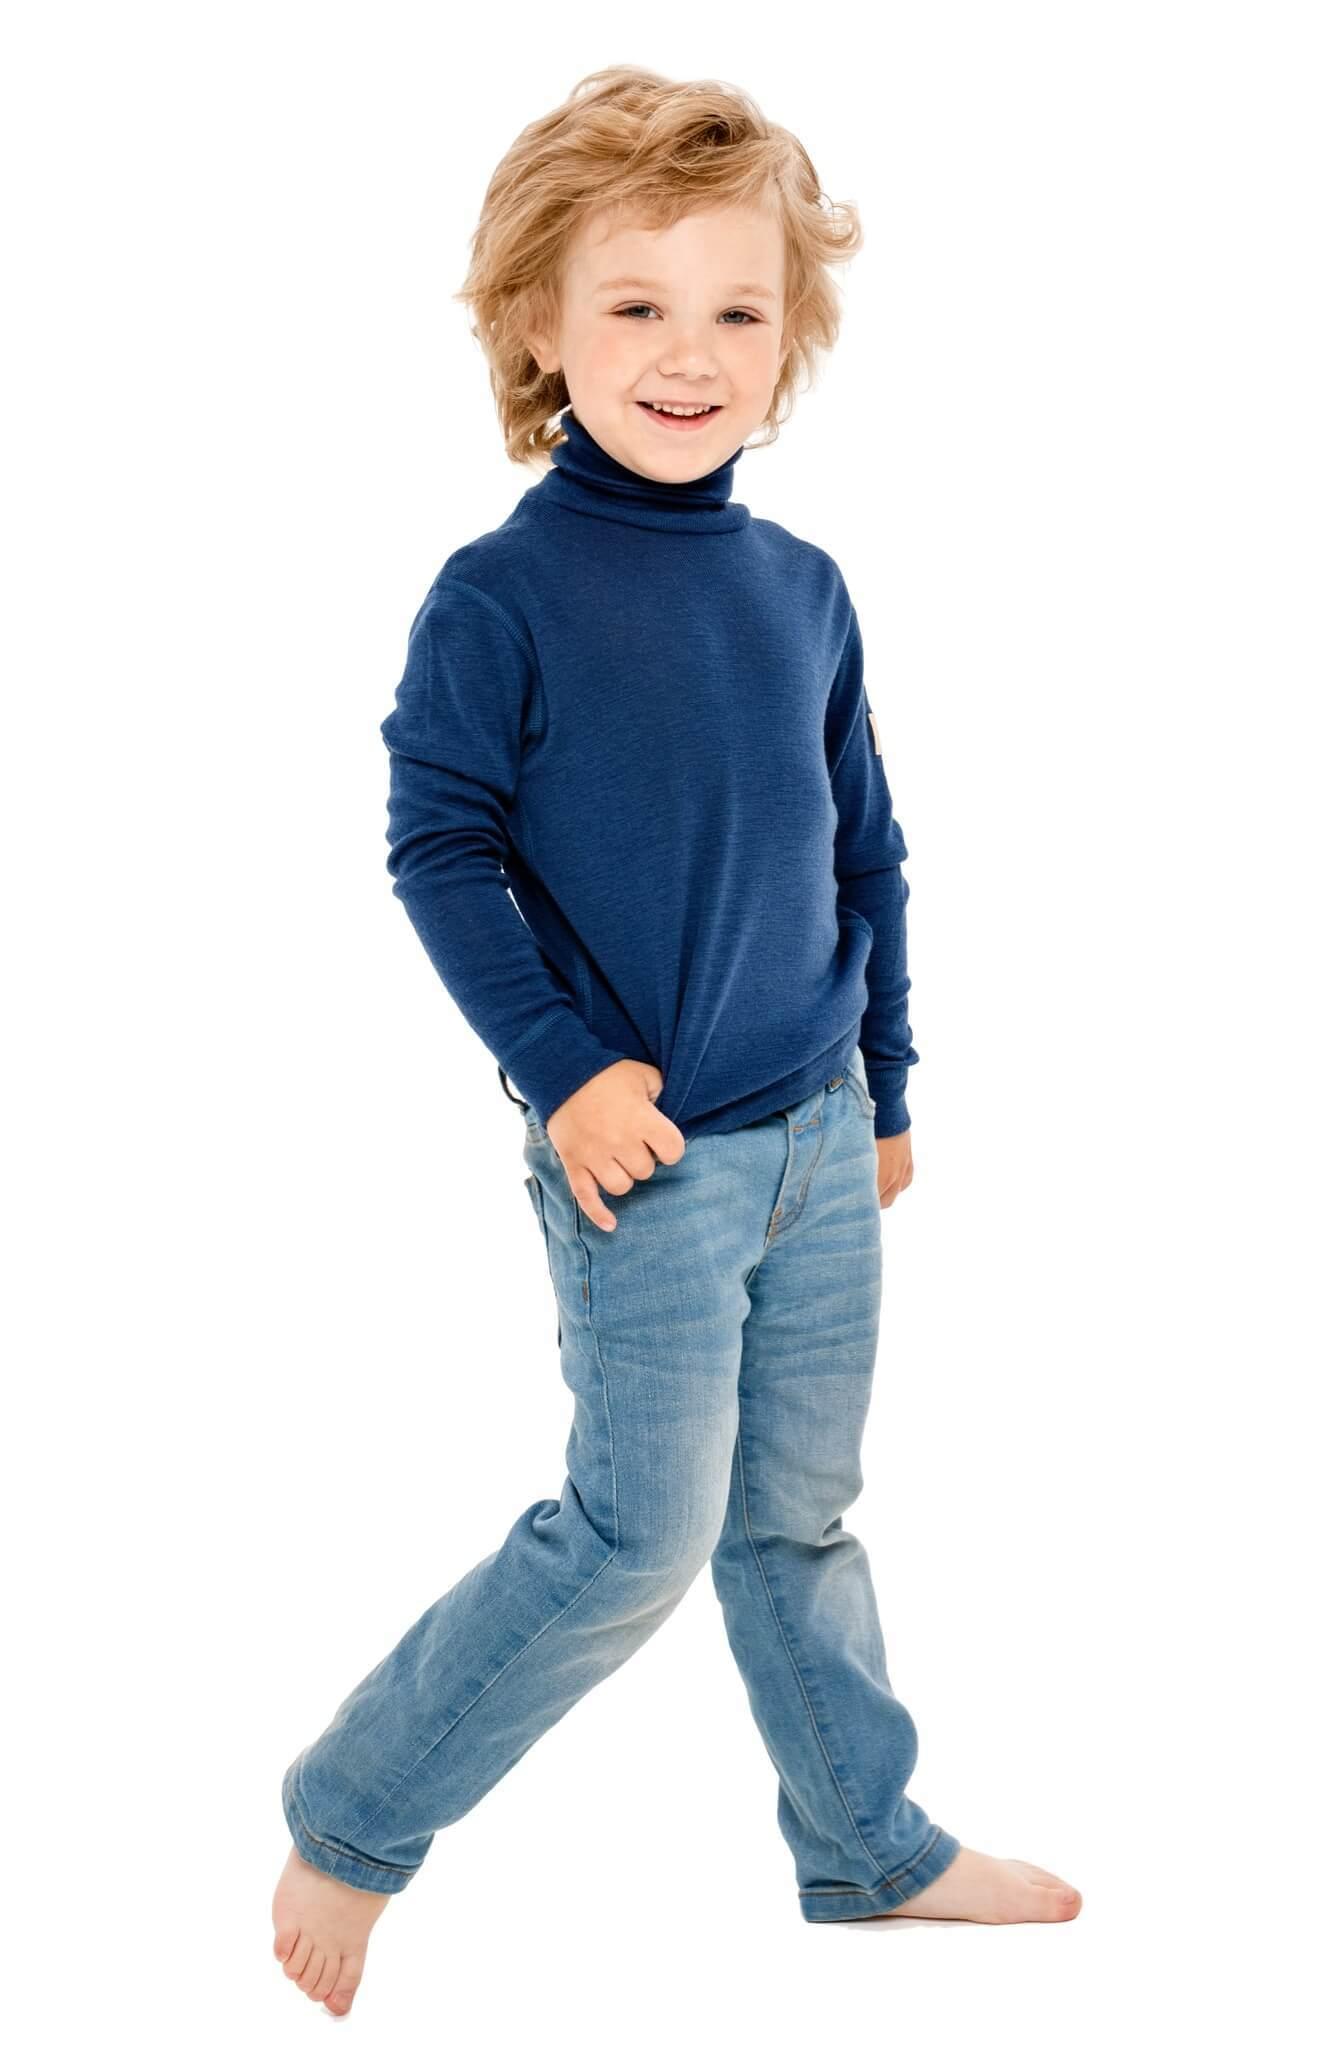 Janus термоводолазка детская синяя - 2